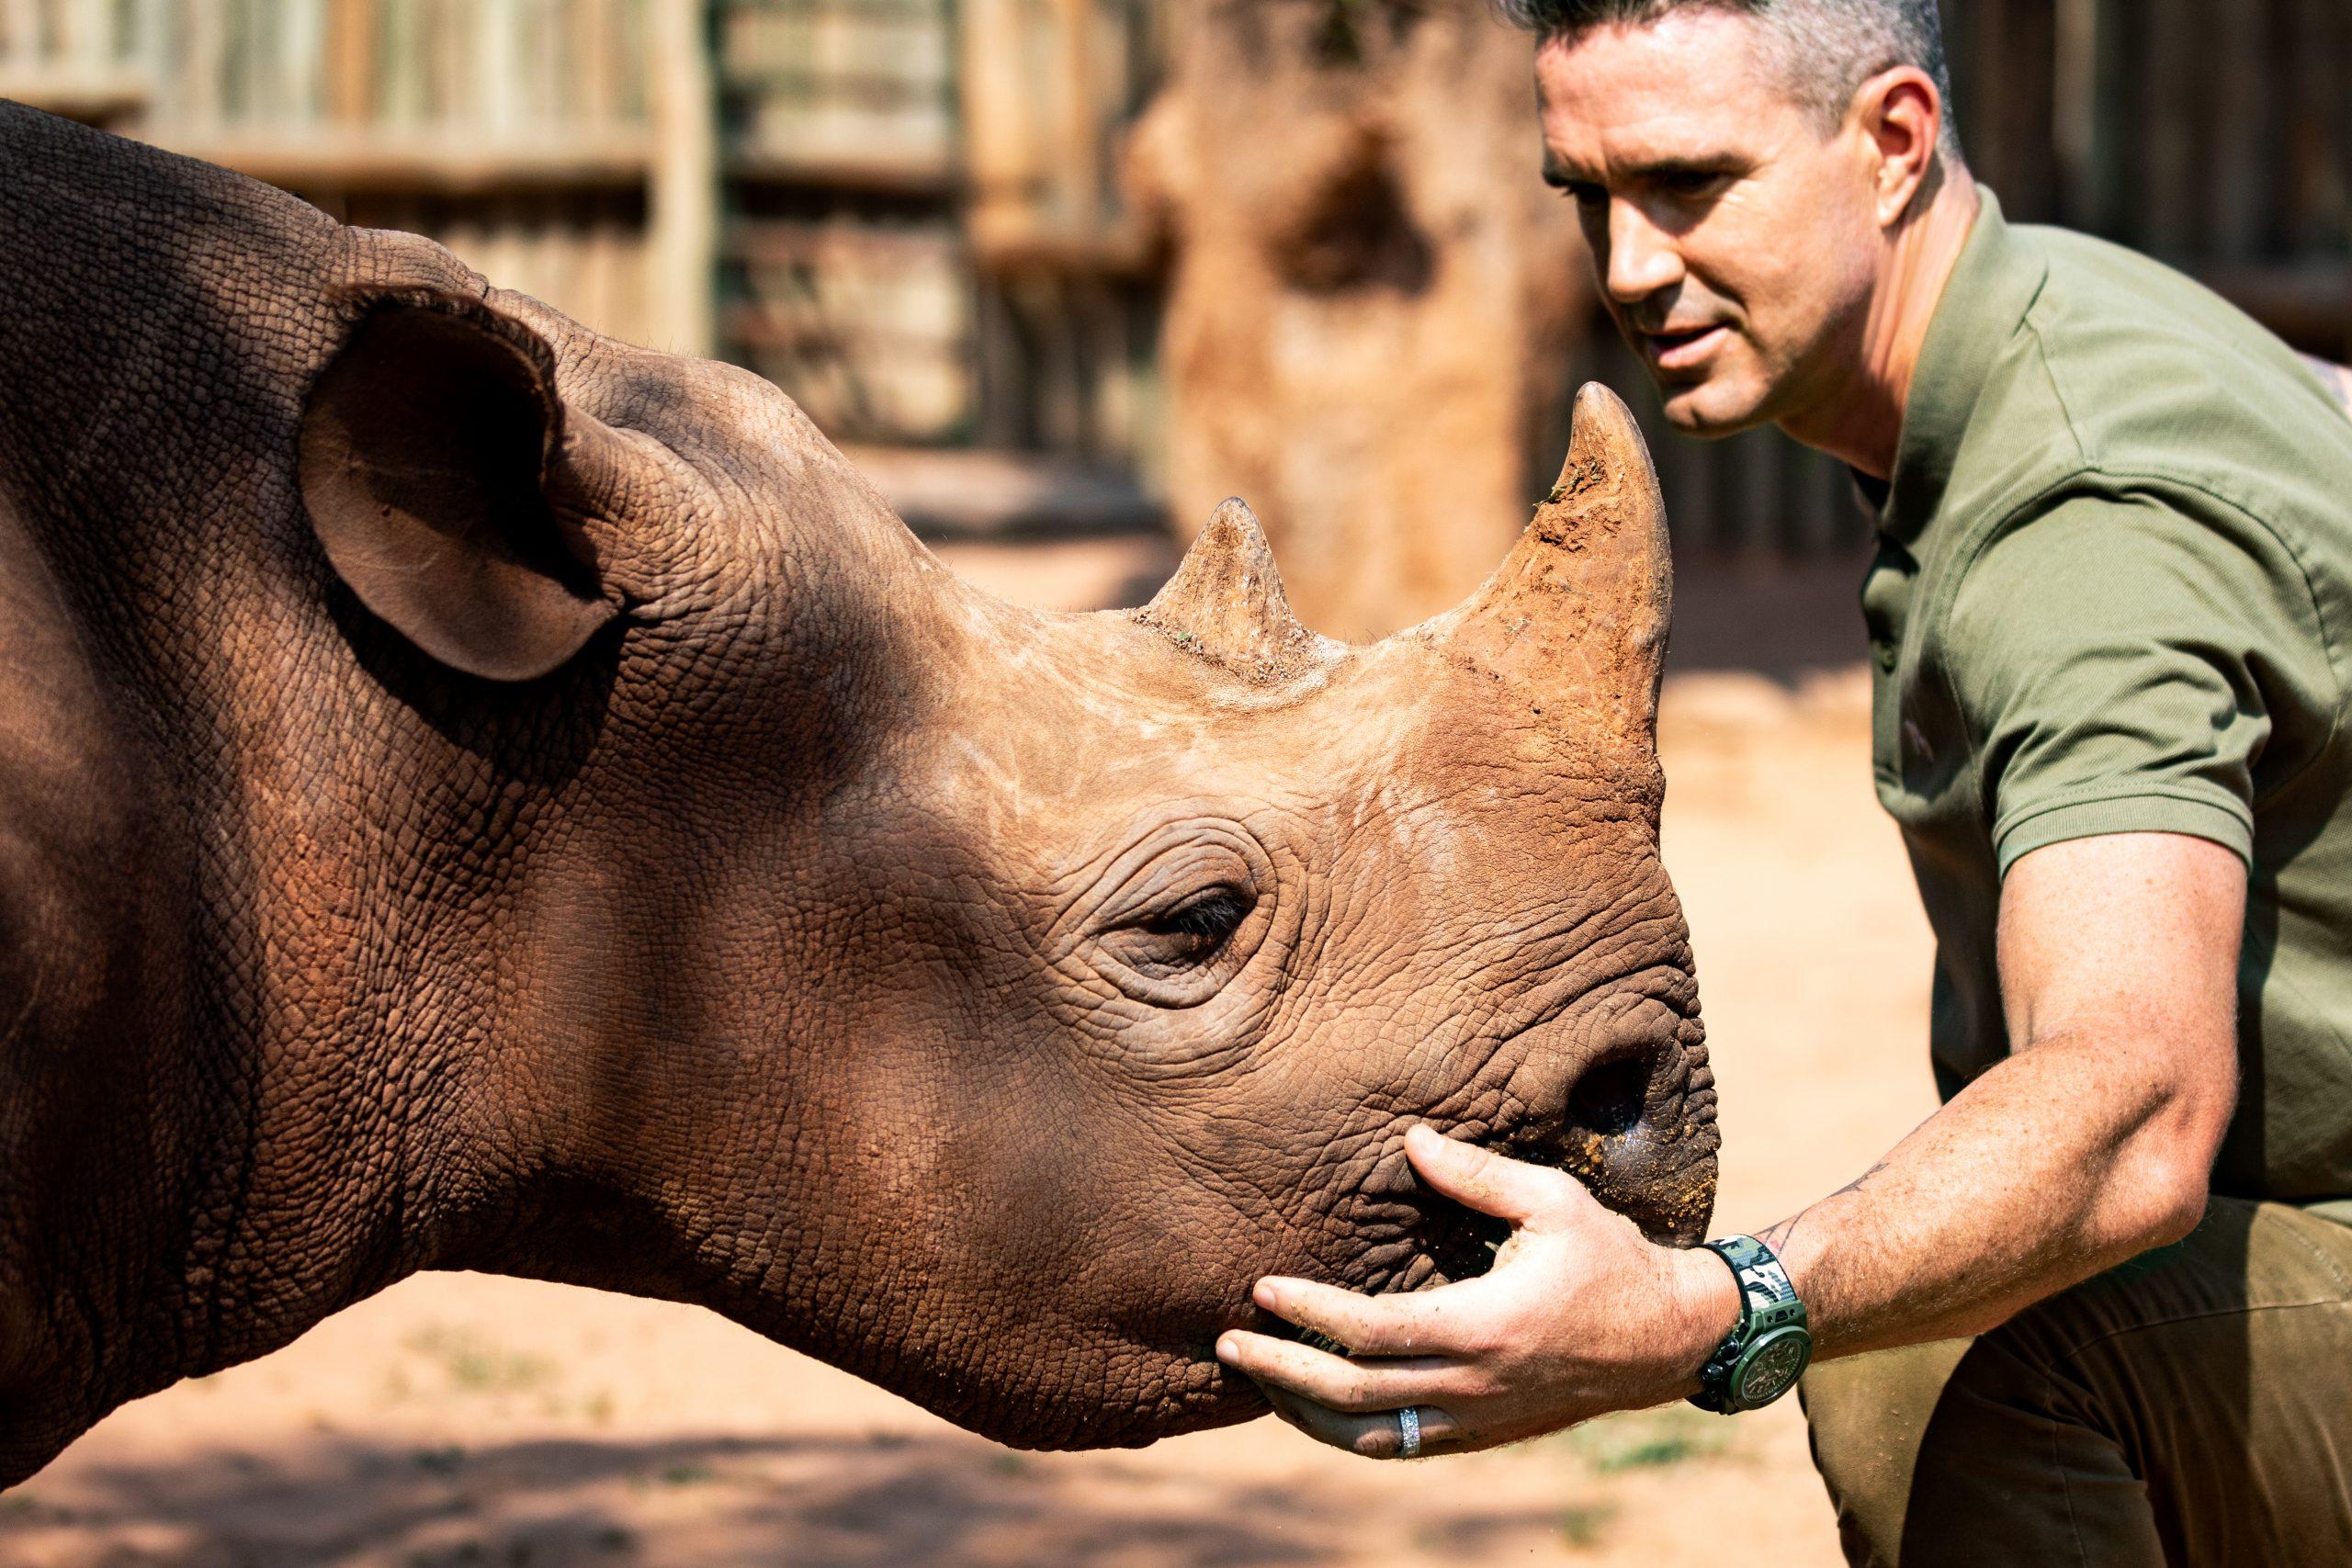 《华丽志》对话板球巨星 Kevin Pietersen:保护濒危动物,需要创业精神和专业态度